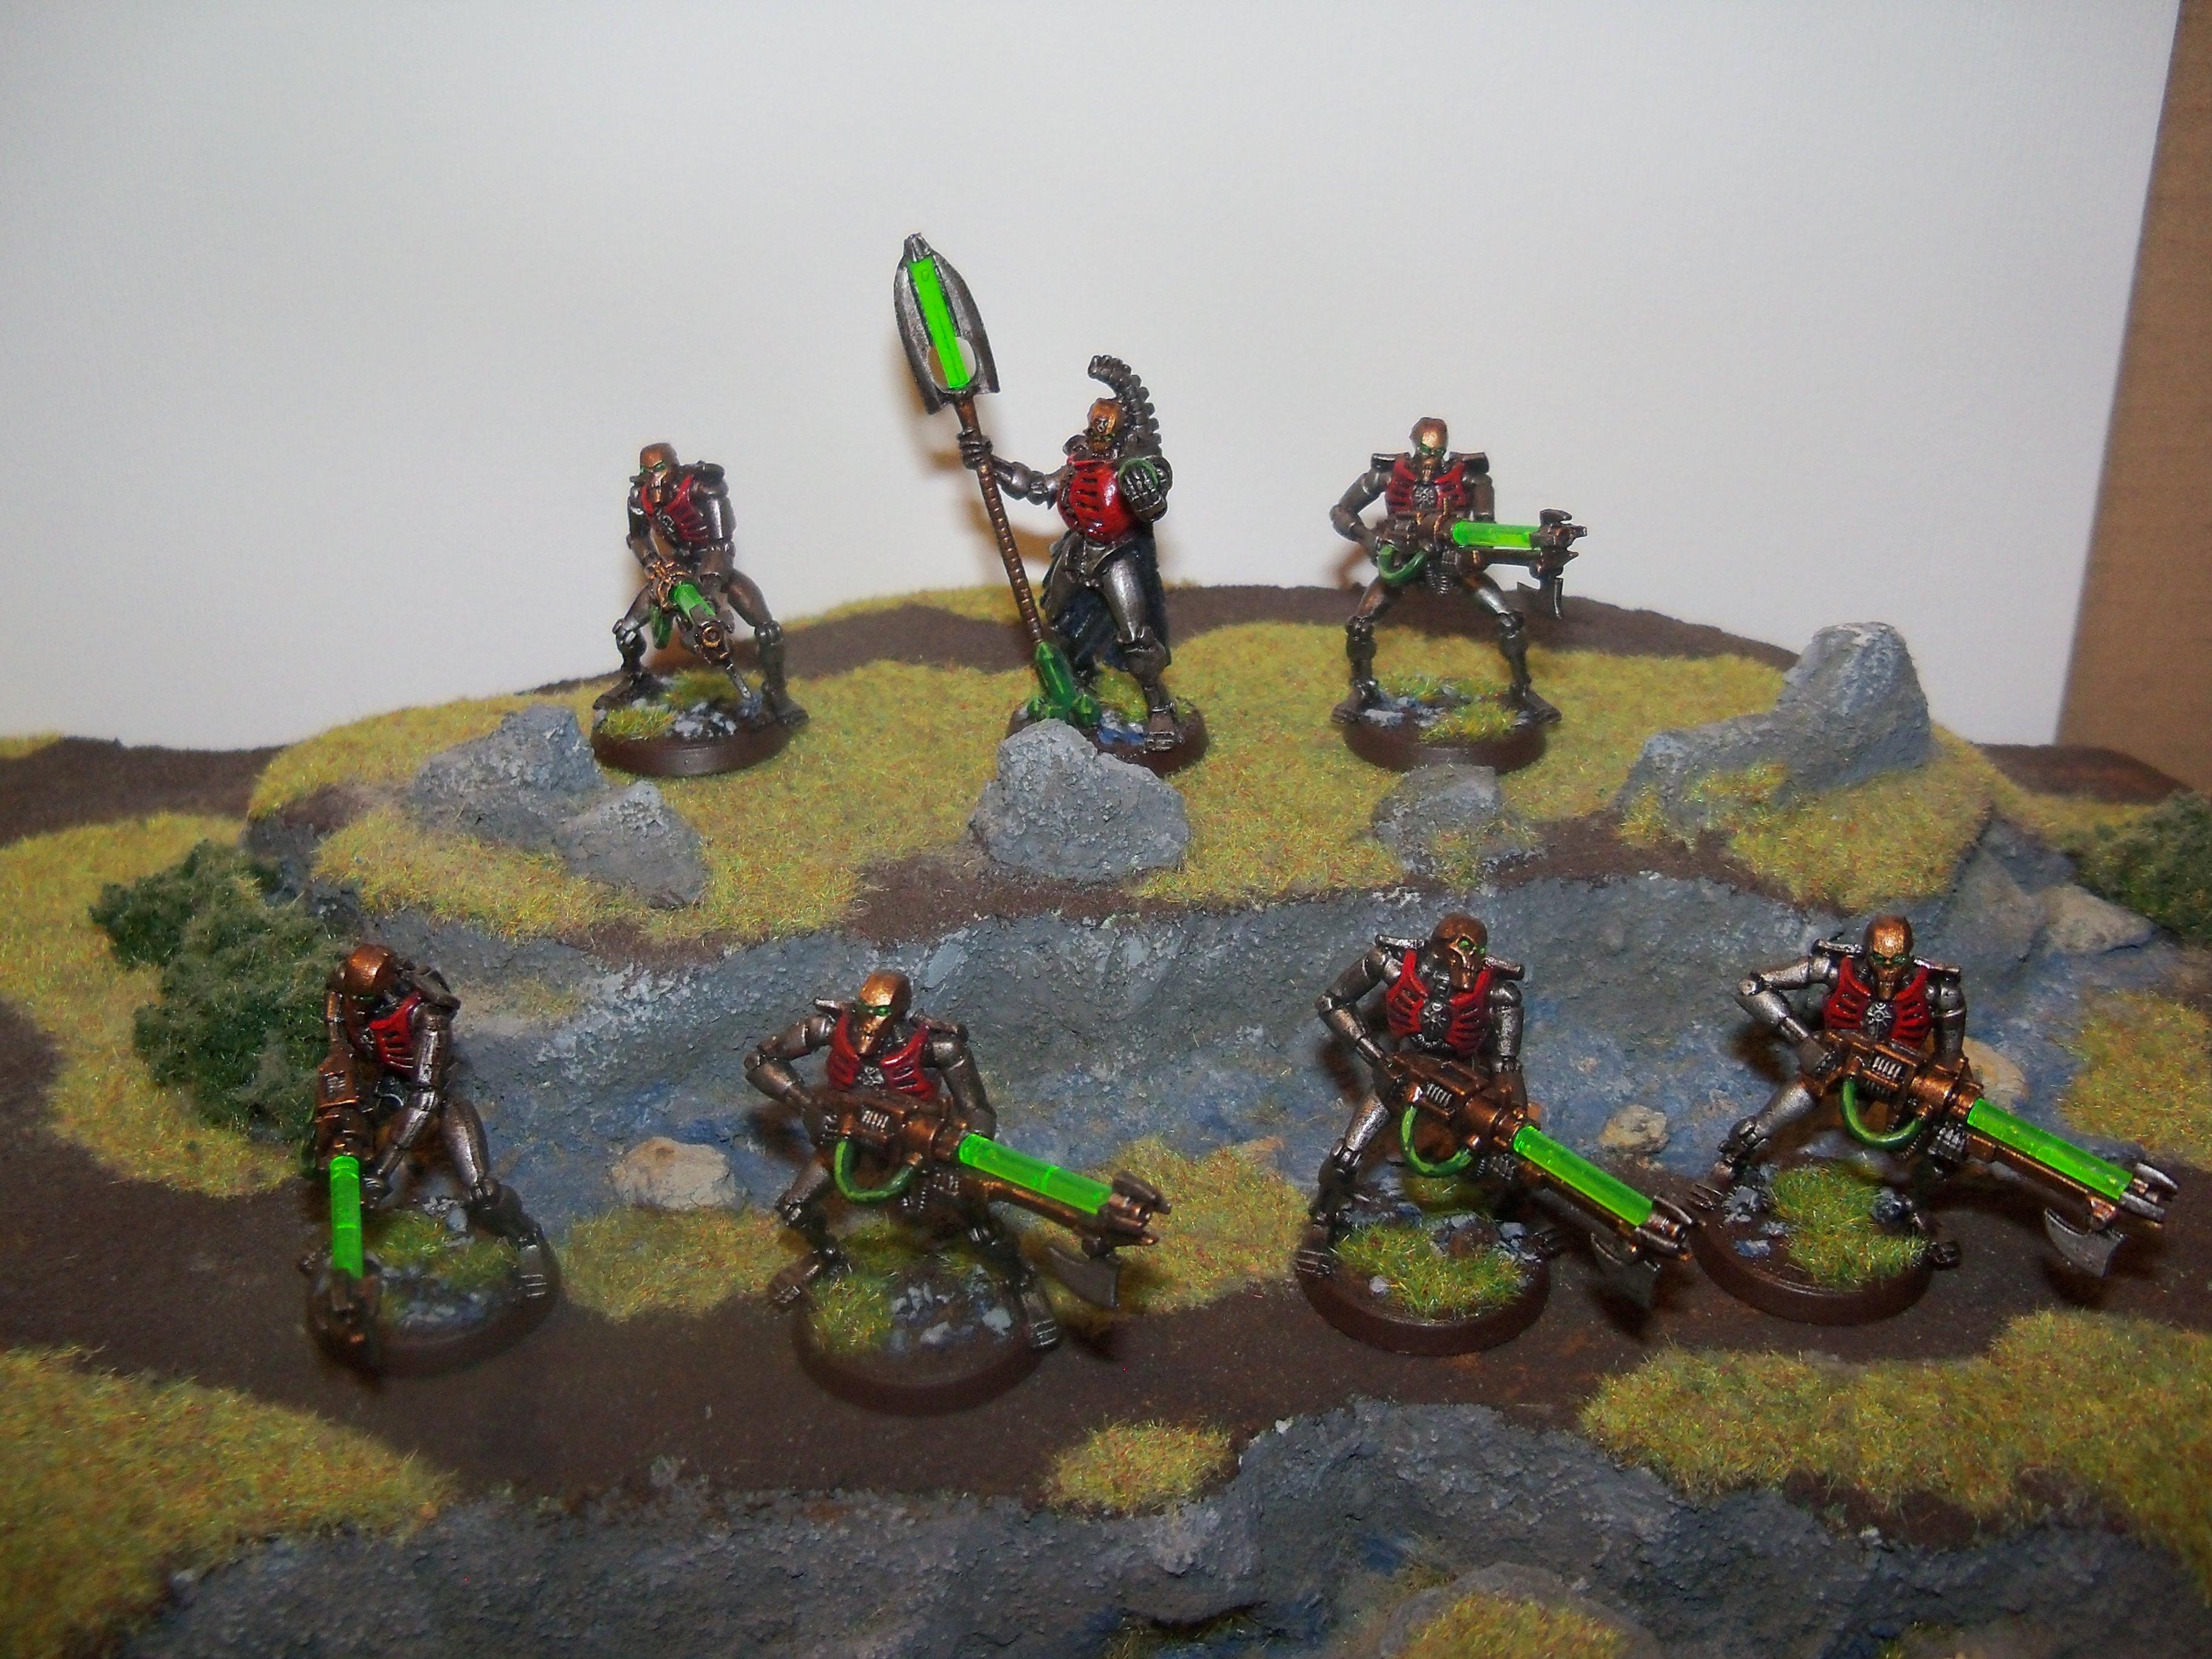 Necron Lord, Necrons, Warhammer 40,000